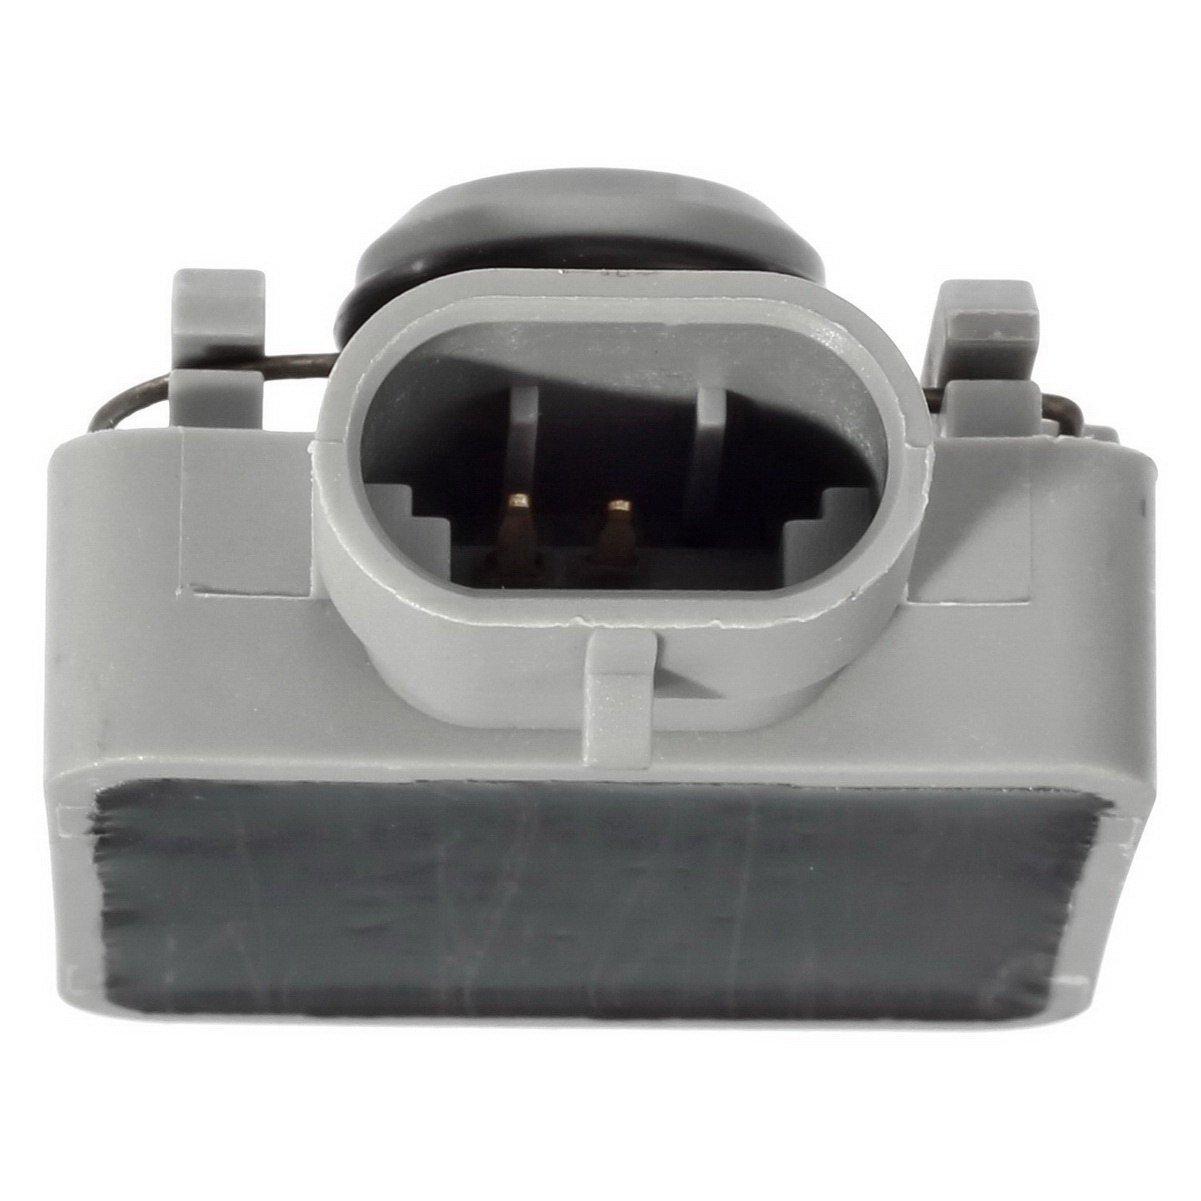 AUTEX 1x Coolant Level Sensor 10096163 compatible with 1990-2003 Buick Chevrolet Monte Carlo Venture Lumina Cutlass Ciera Cruiser Supreme Intrigue Silhouette Grand Prix Trans Sport